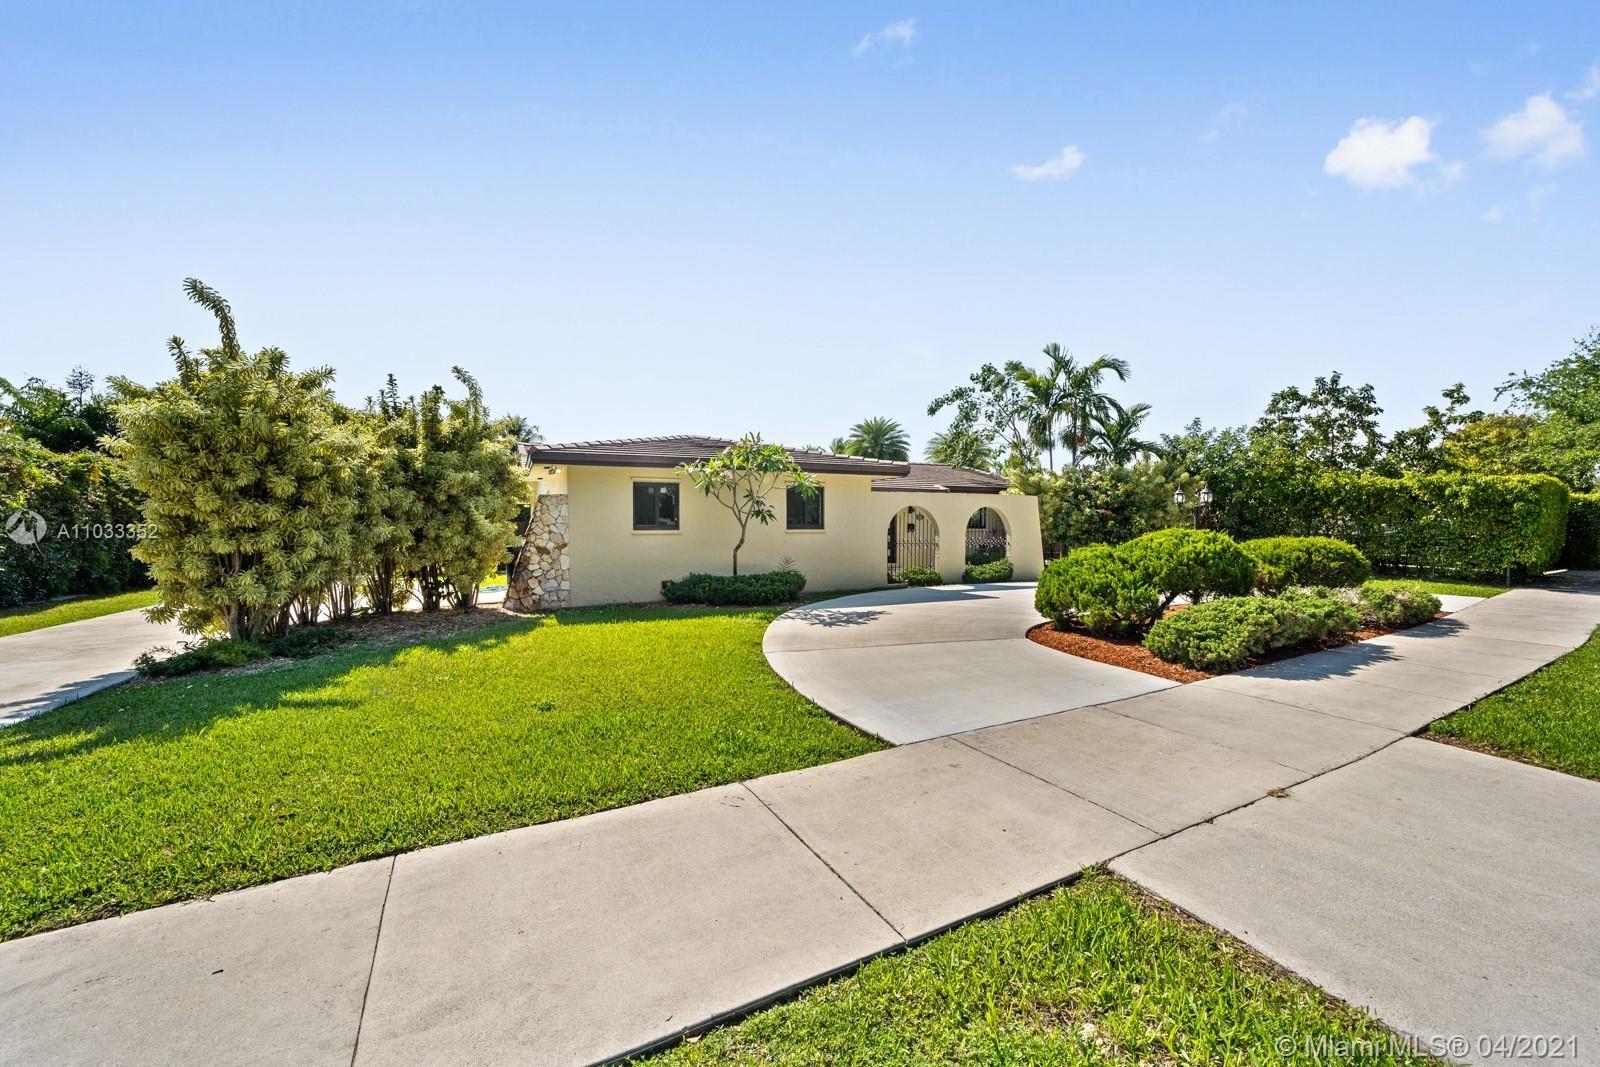 3220 SW 107th Ct, Miami, FL 33165 - #: A11033352